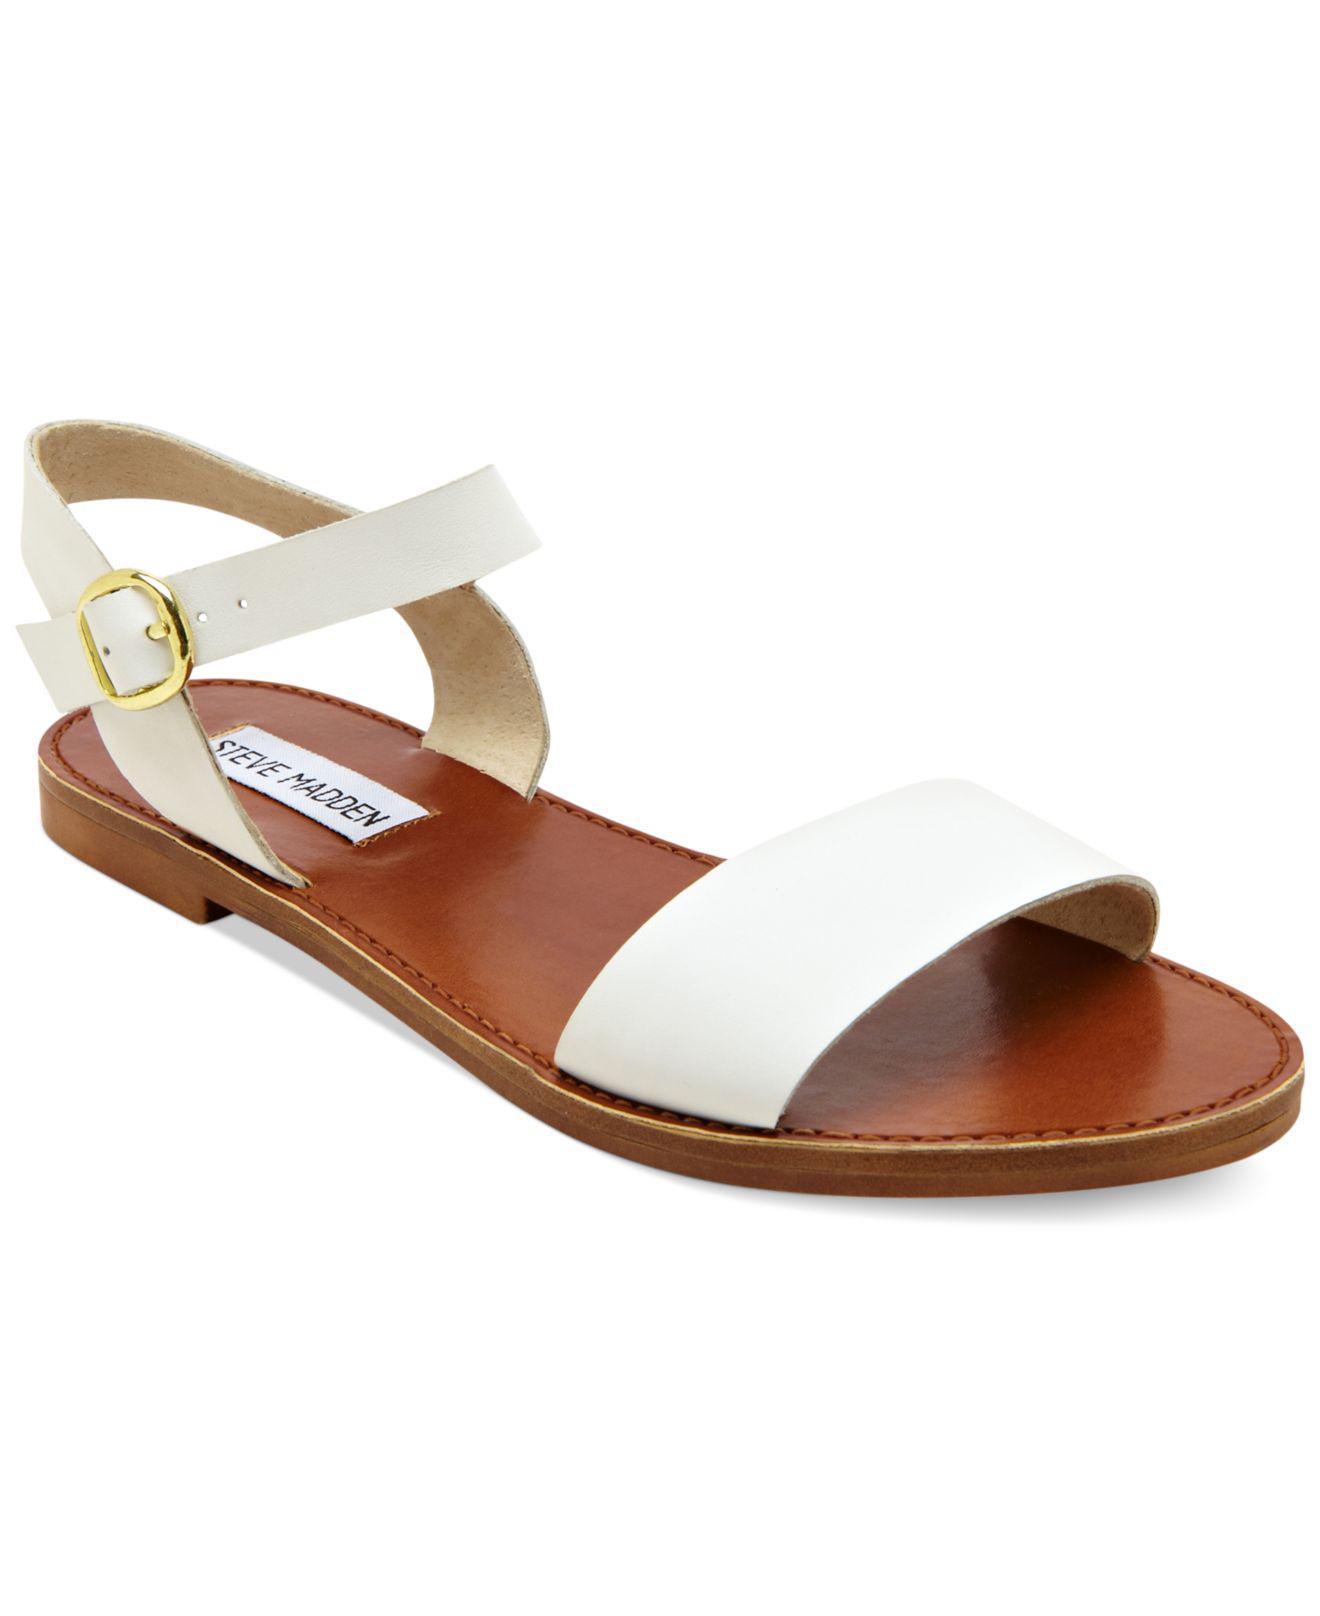 6f5ca3b6d459 Lyst steve madden donddi flat sandals in white jpg 1320x1616 Steve madden  white wedges